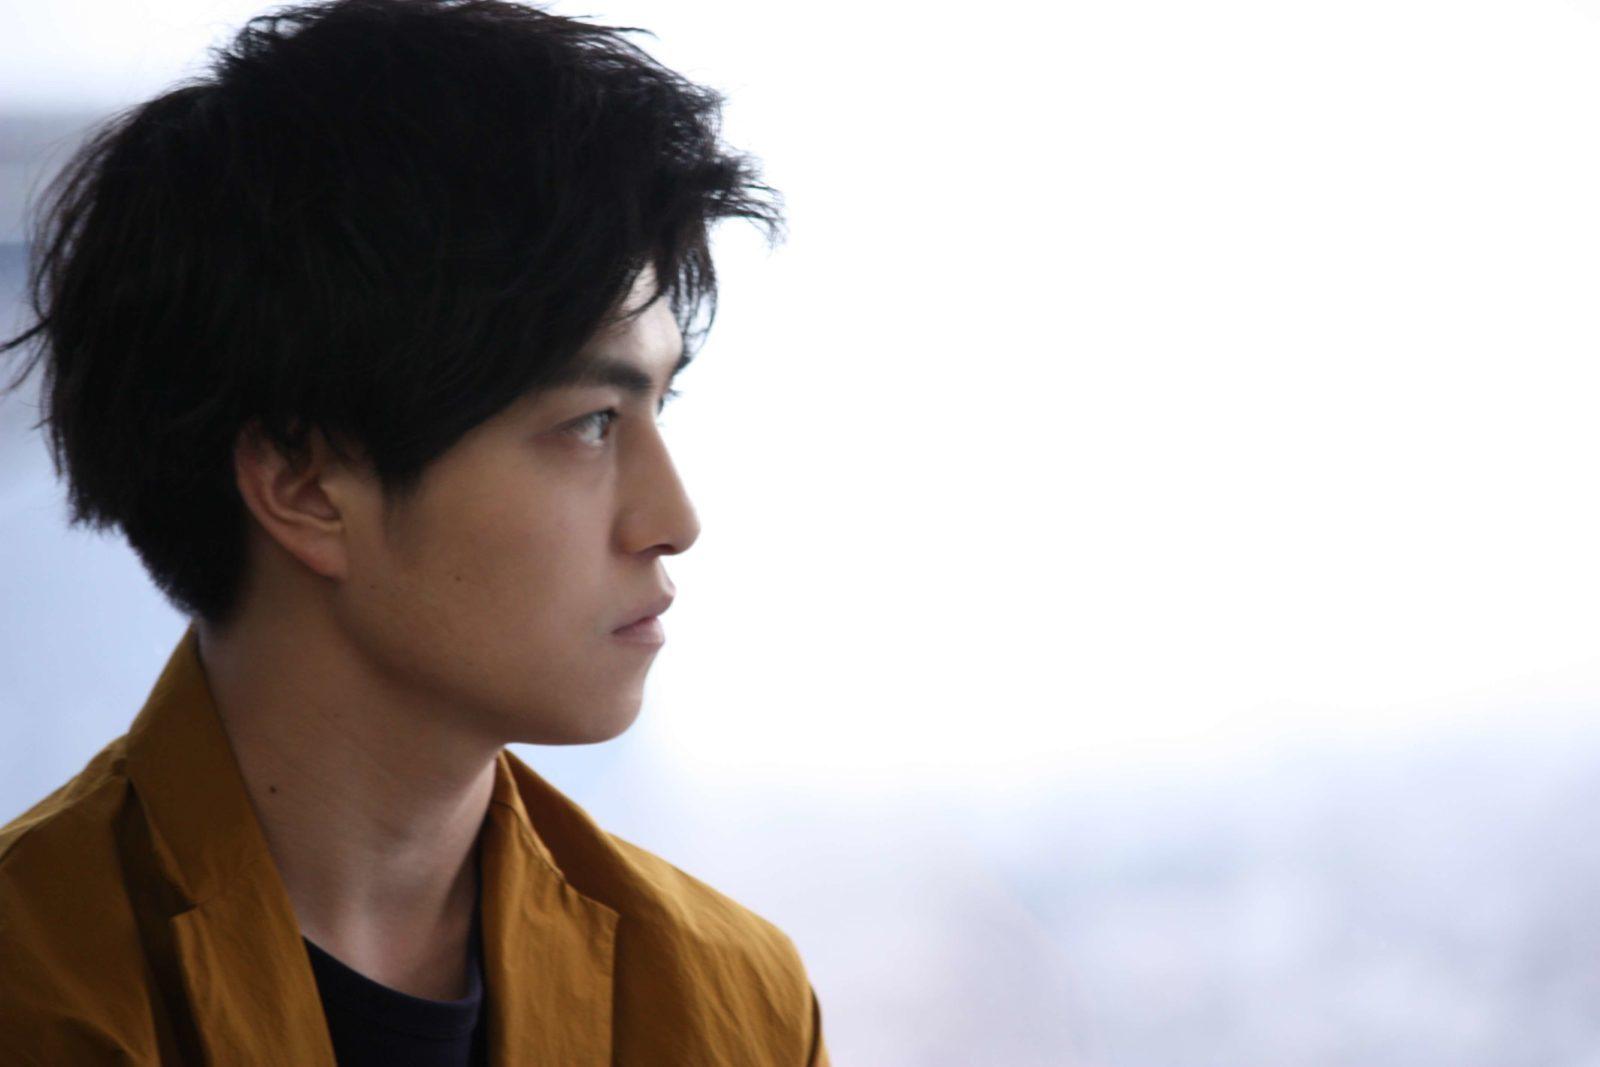 ドラマ『向かいのバズる家族』で内田理央の弟を演じる那智、初出演ドラマとこれからについて語る画像99436